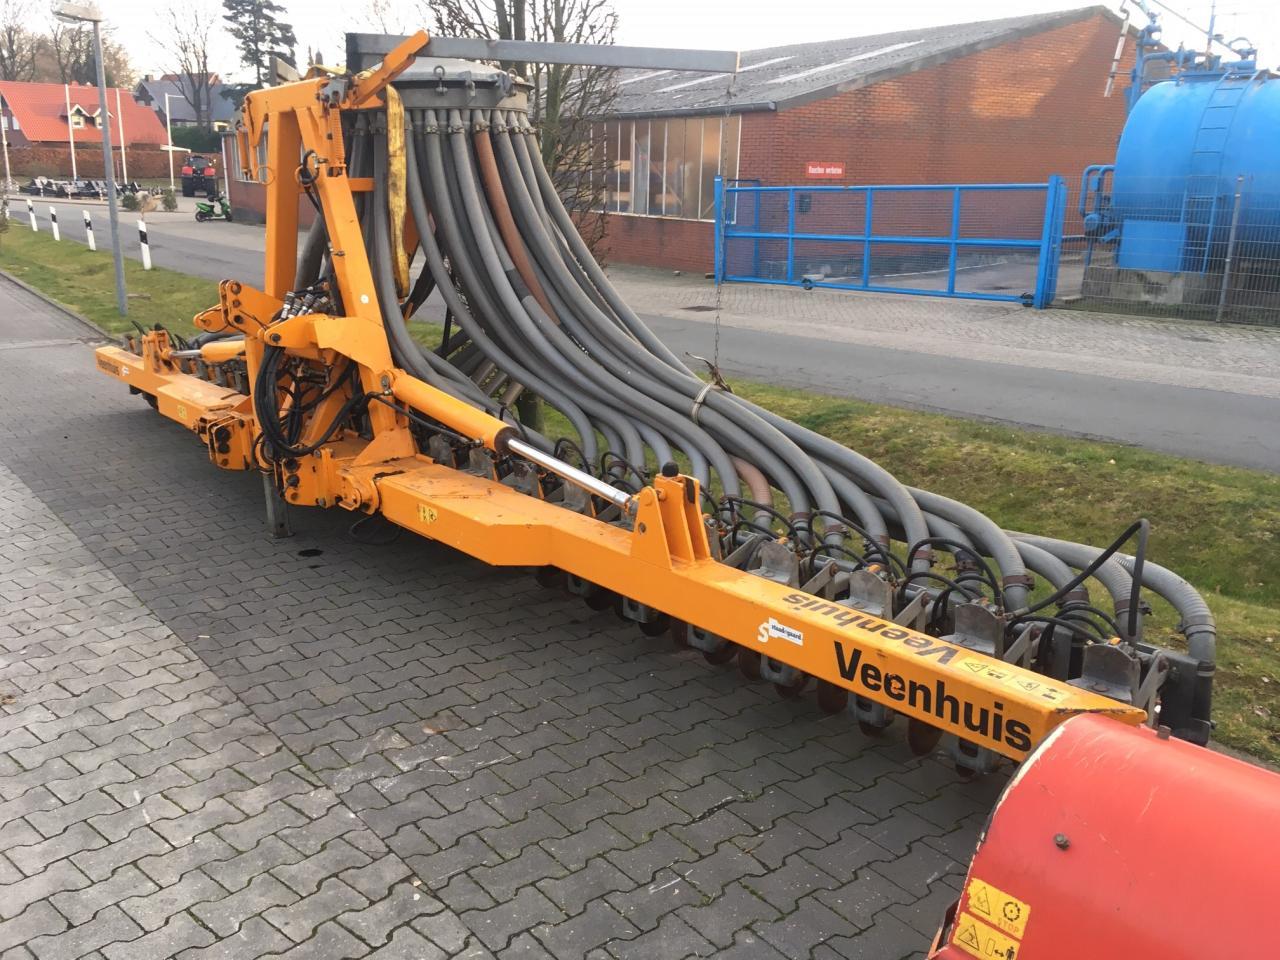 Veenhuis Euroject 300 840/48